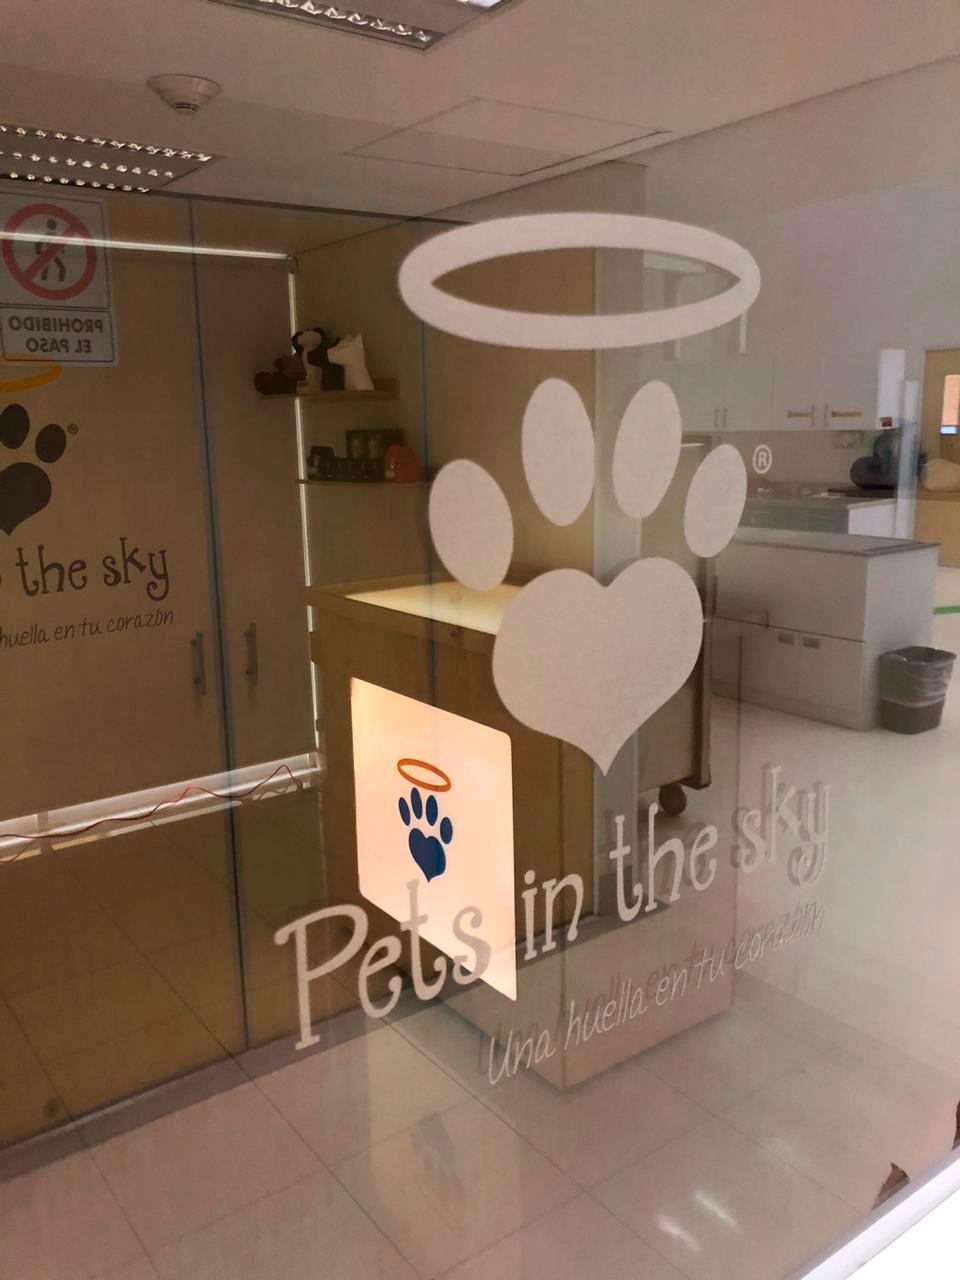 sala del ultimo adios pets in the sky hospital veterinario uvm